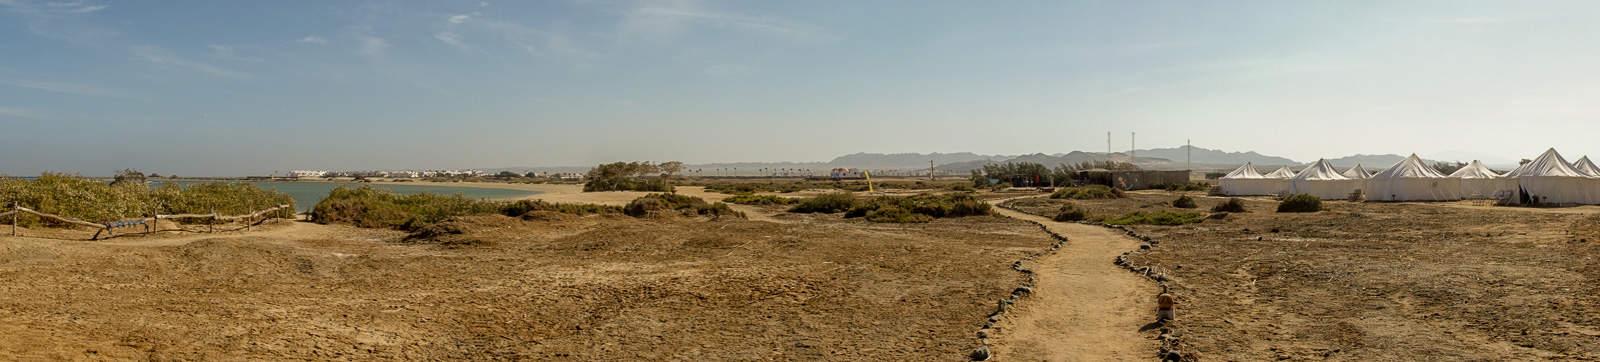 Panorama mit Zelten